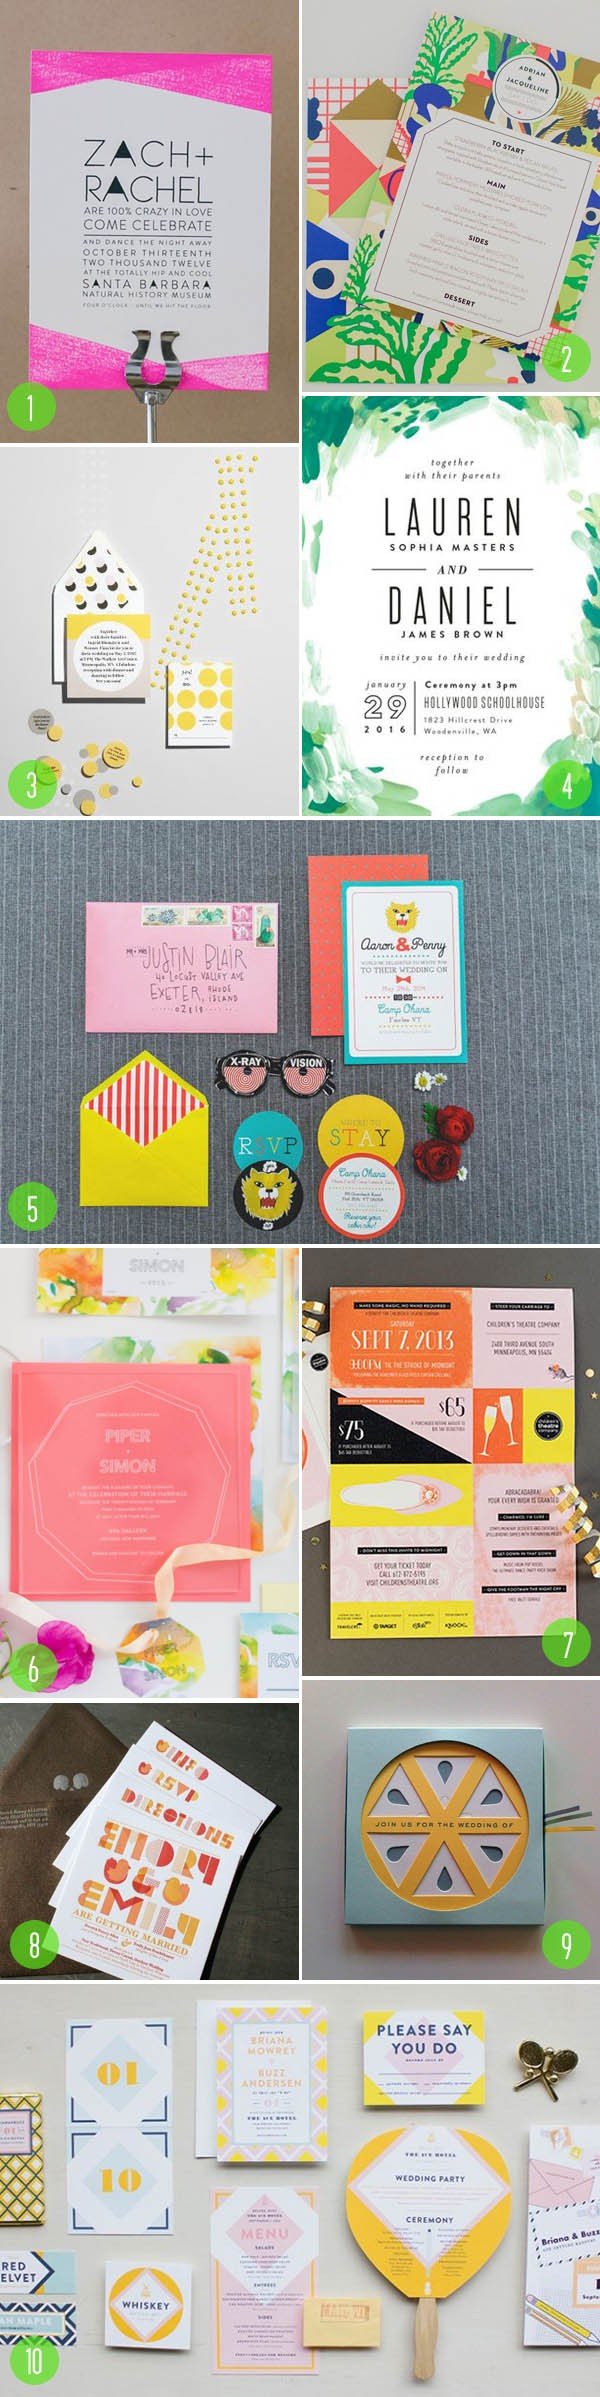 bright invites